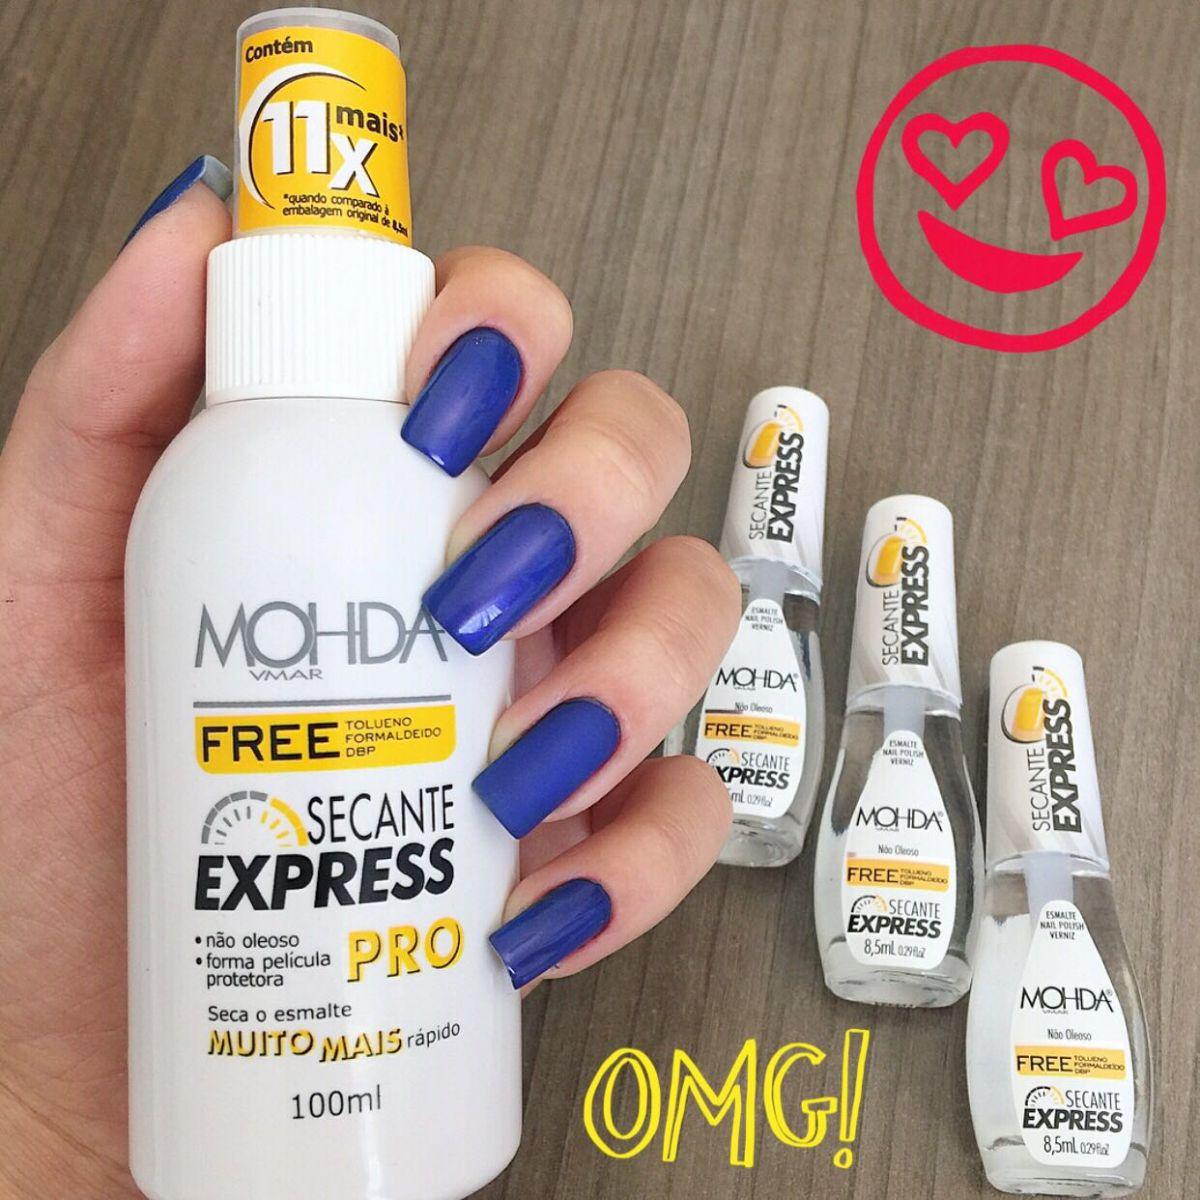 Secante Express PRO - 100 ml  - E-Mohda